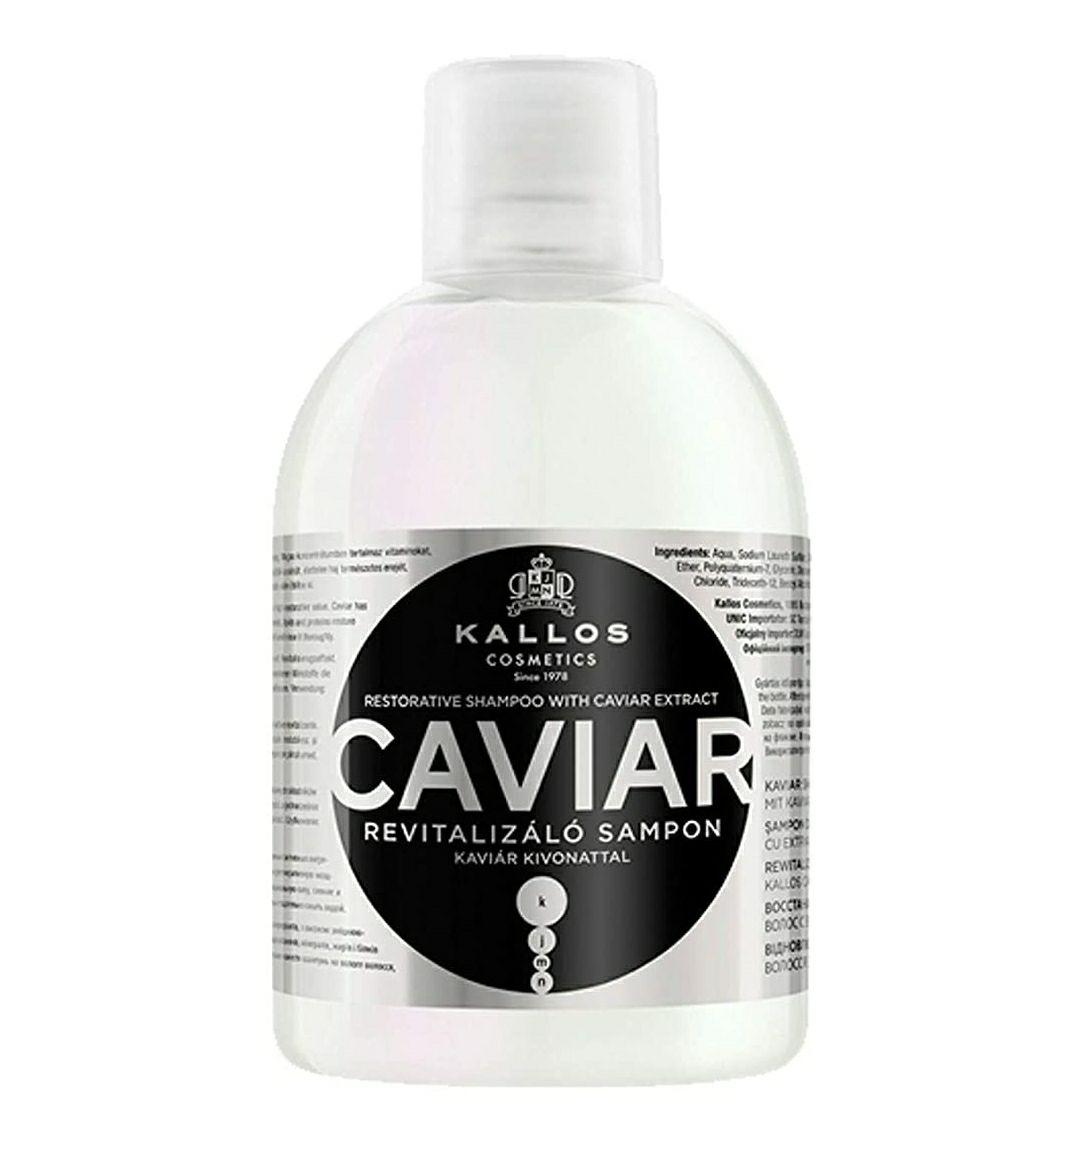 Champú para mujer marca Kallos - Caviar Restorative 1000 ml (Sin stock pero deja pedir)